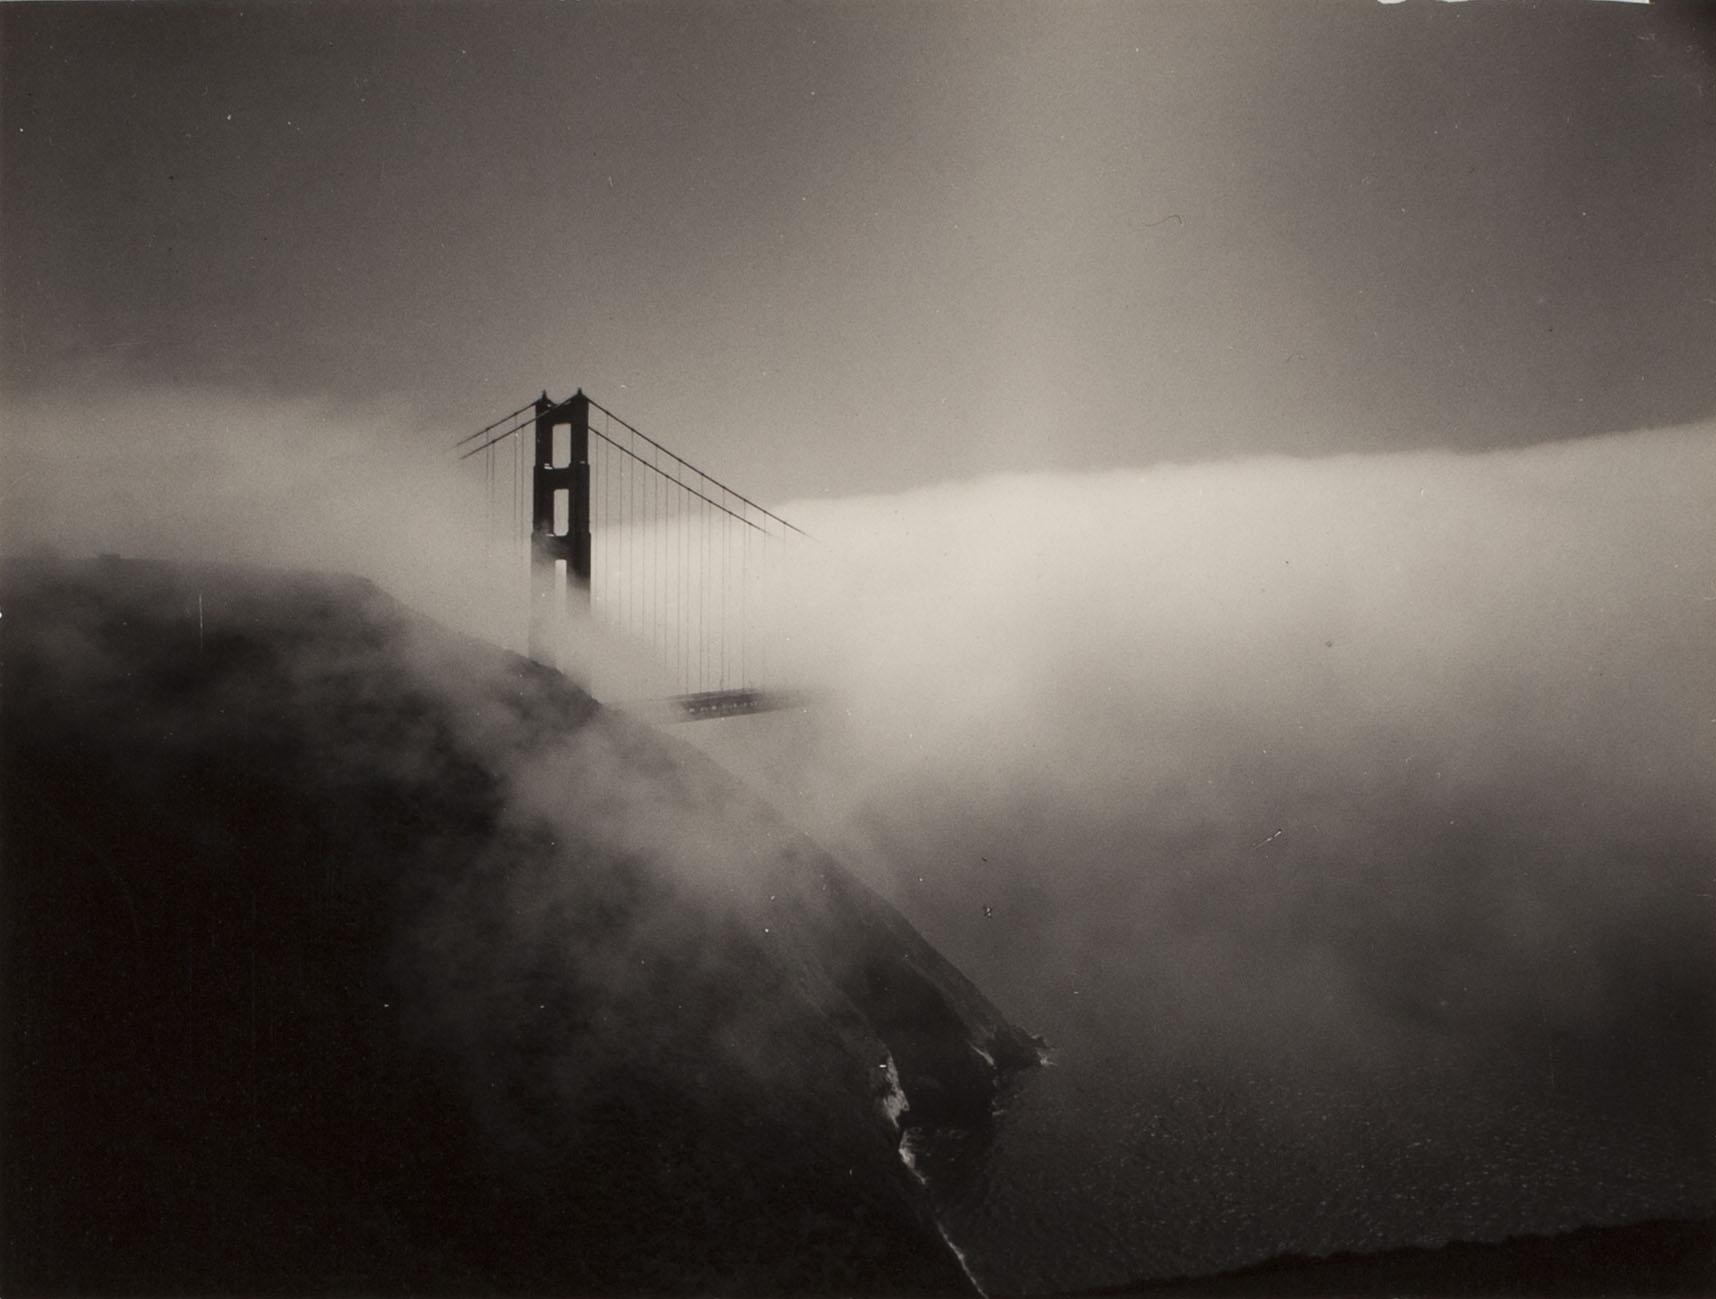 Minor White - Golden Gate Bridge, 1959 - stampa alla gelatina d'argento - Reproduced with permission of the Minor White Archive, Princeton University Art Museum.  © Trustees of Princeton University - Collezione Fondazione Cassa di Risparmio di Modena